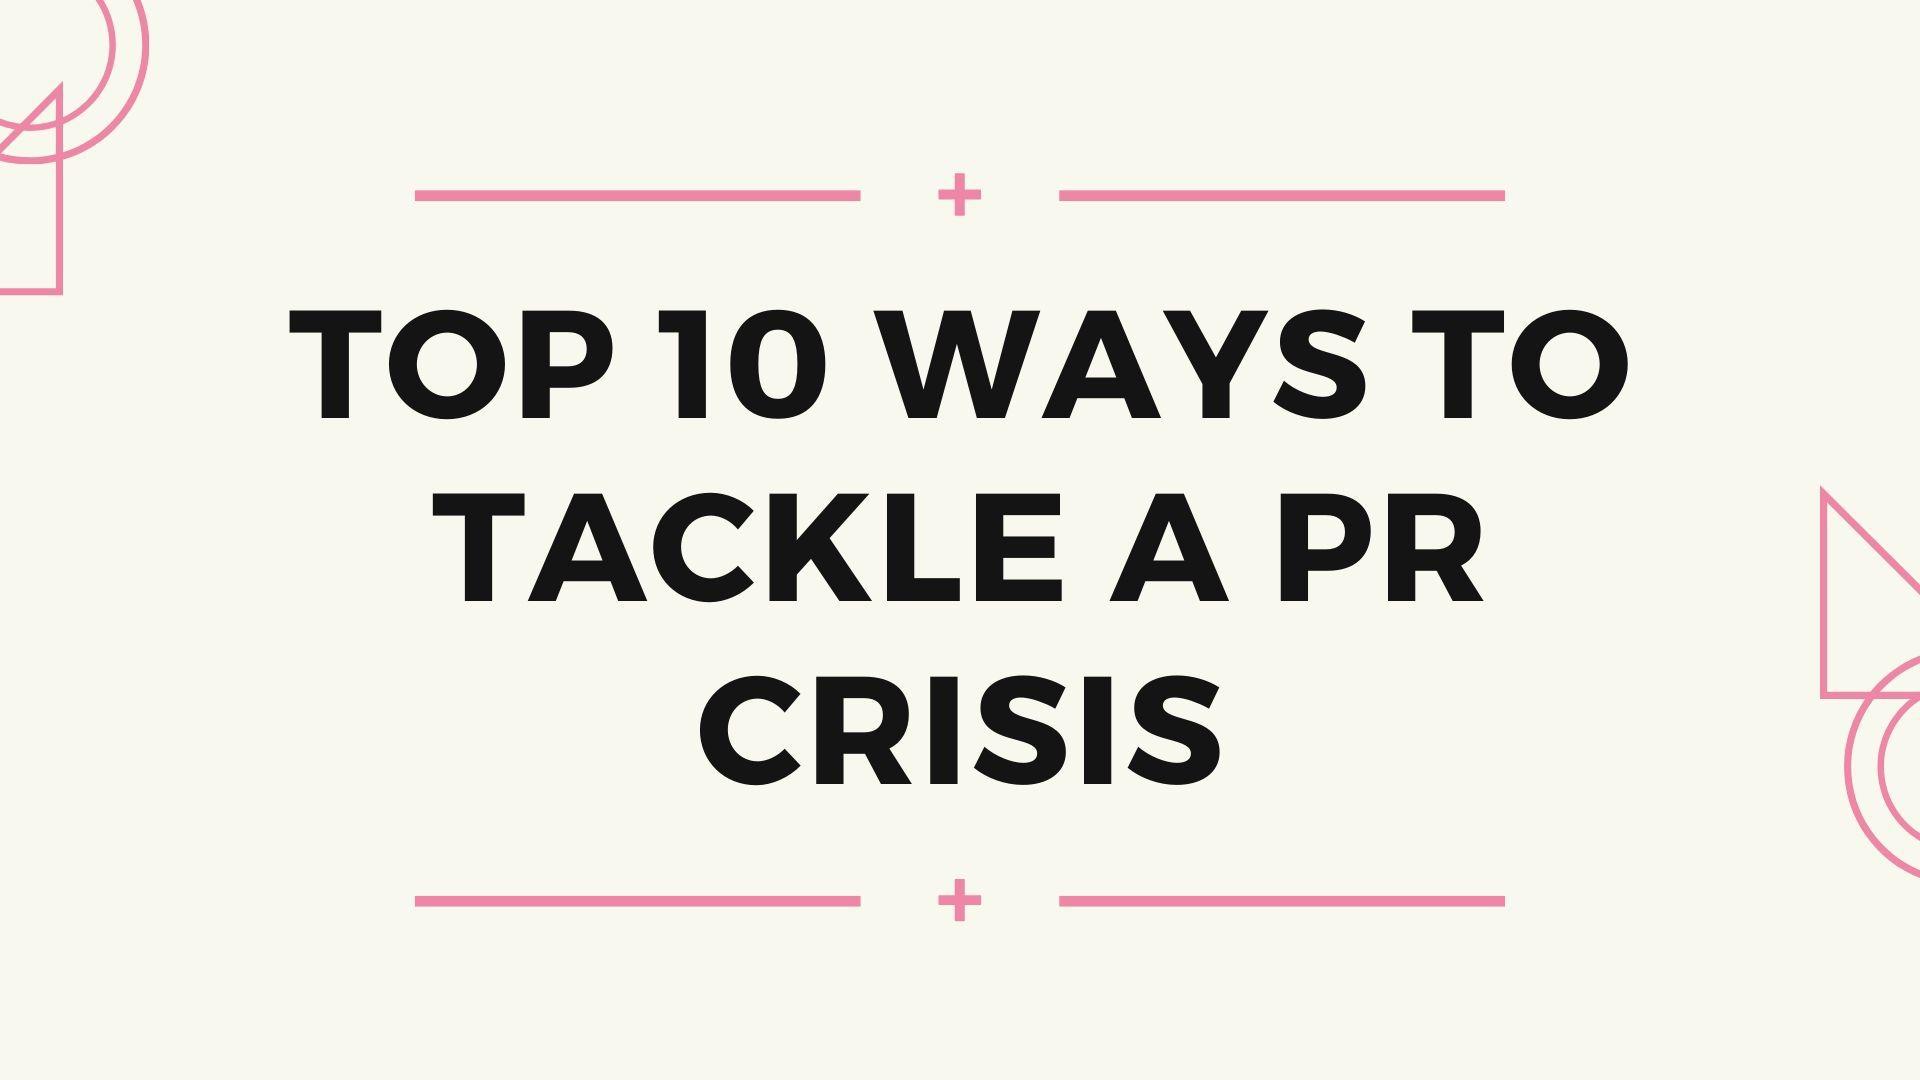 Top 10 Ways to Tackle a PR Crisis